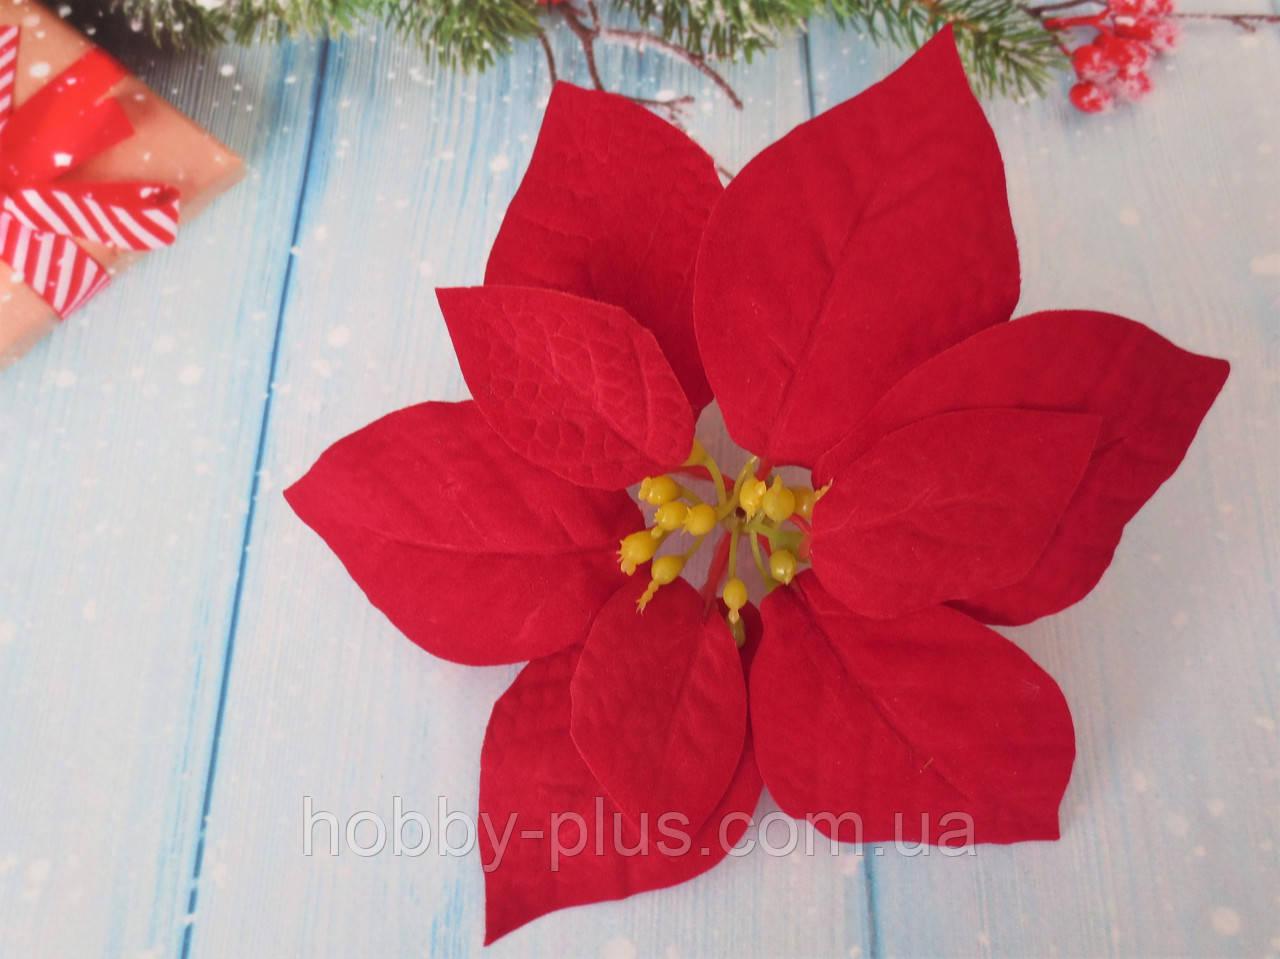 Головка пуансетии бархатная, цвет красный, d 17 см, 1 шт